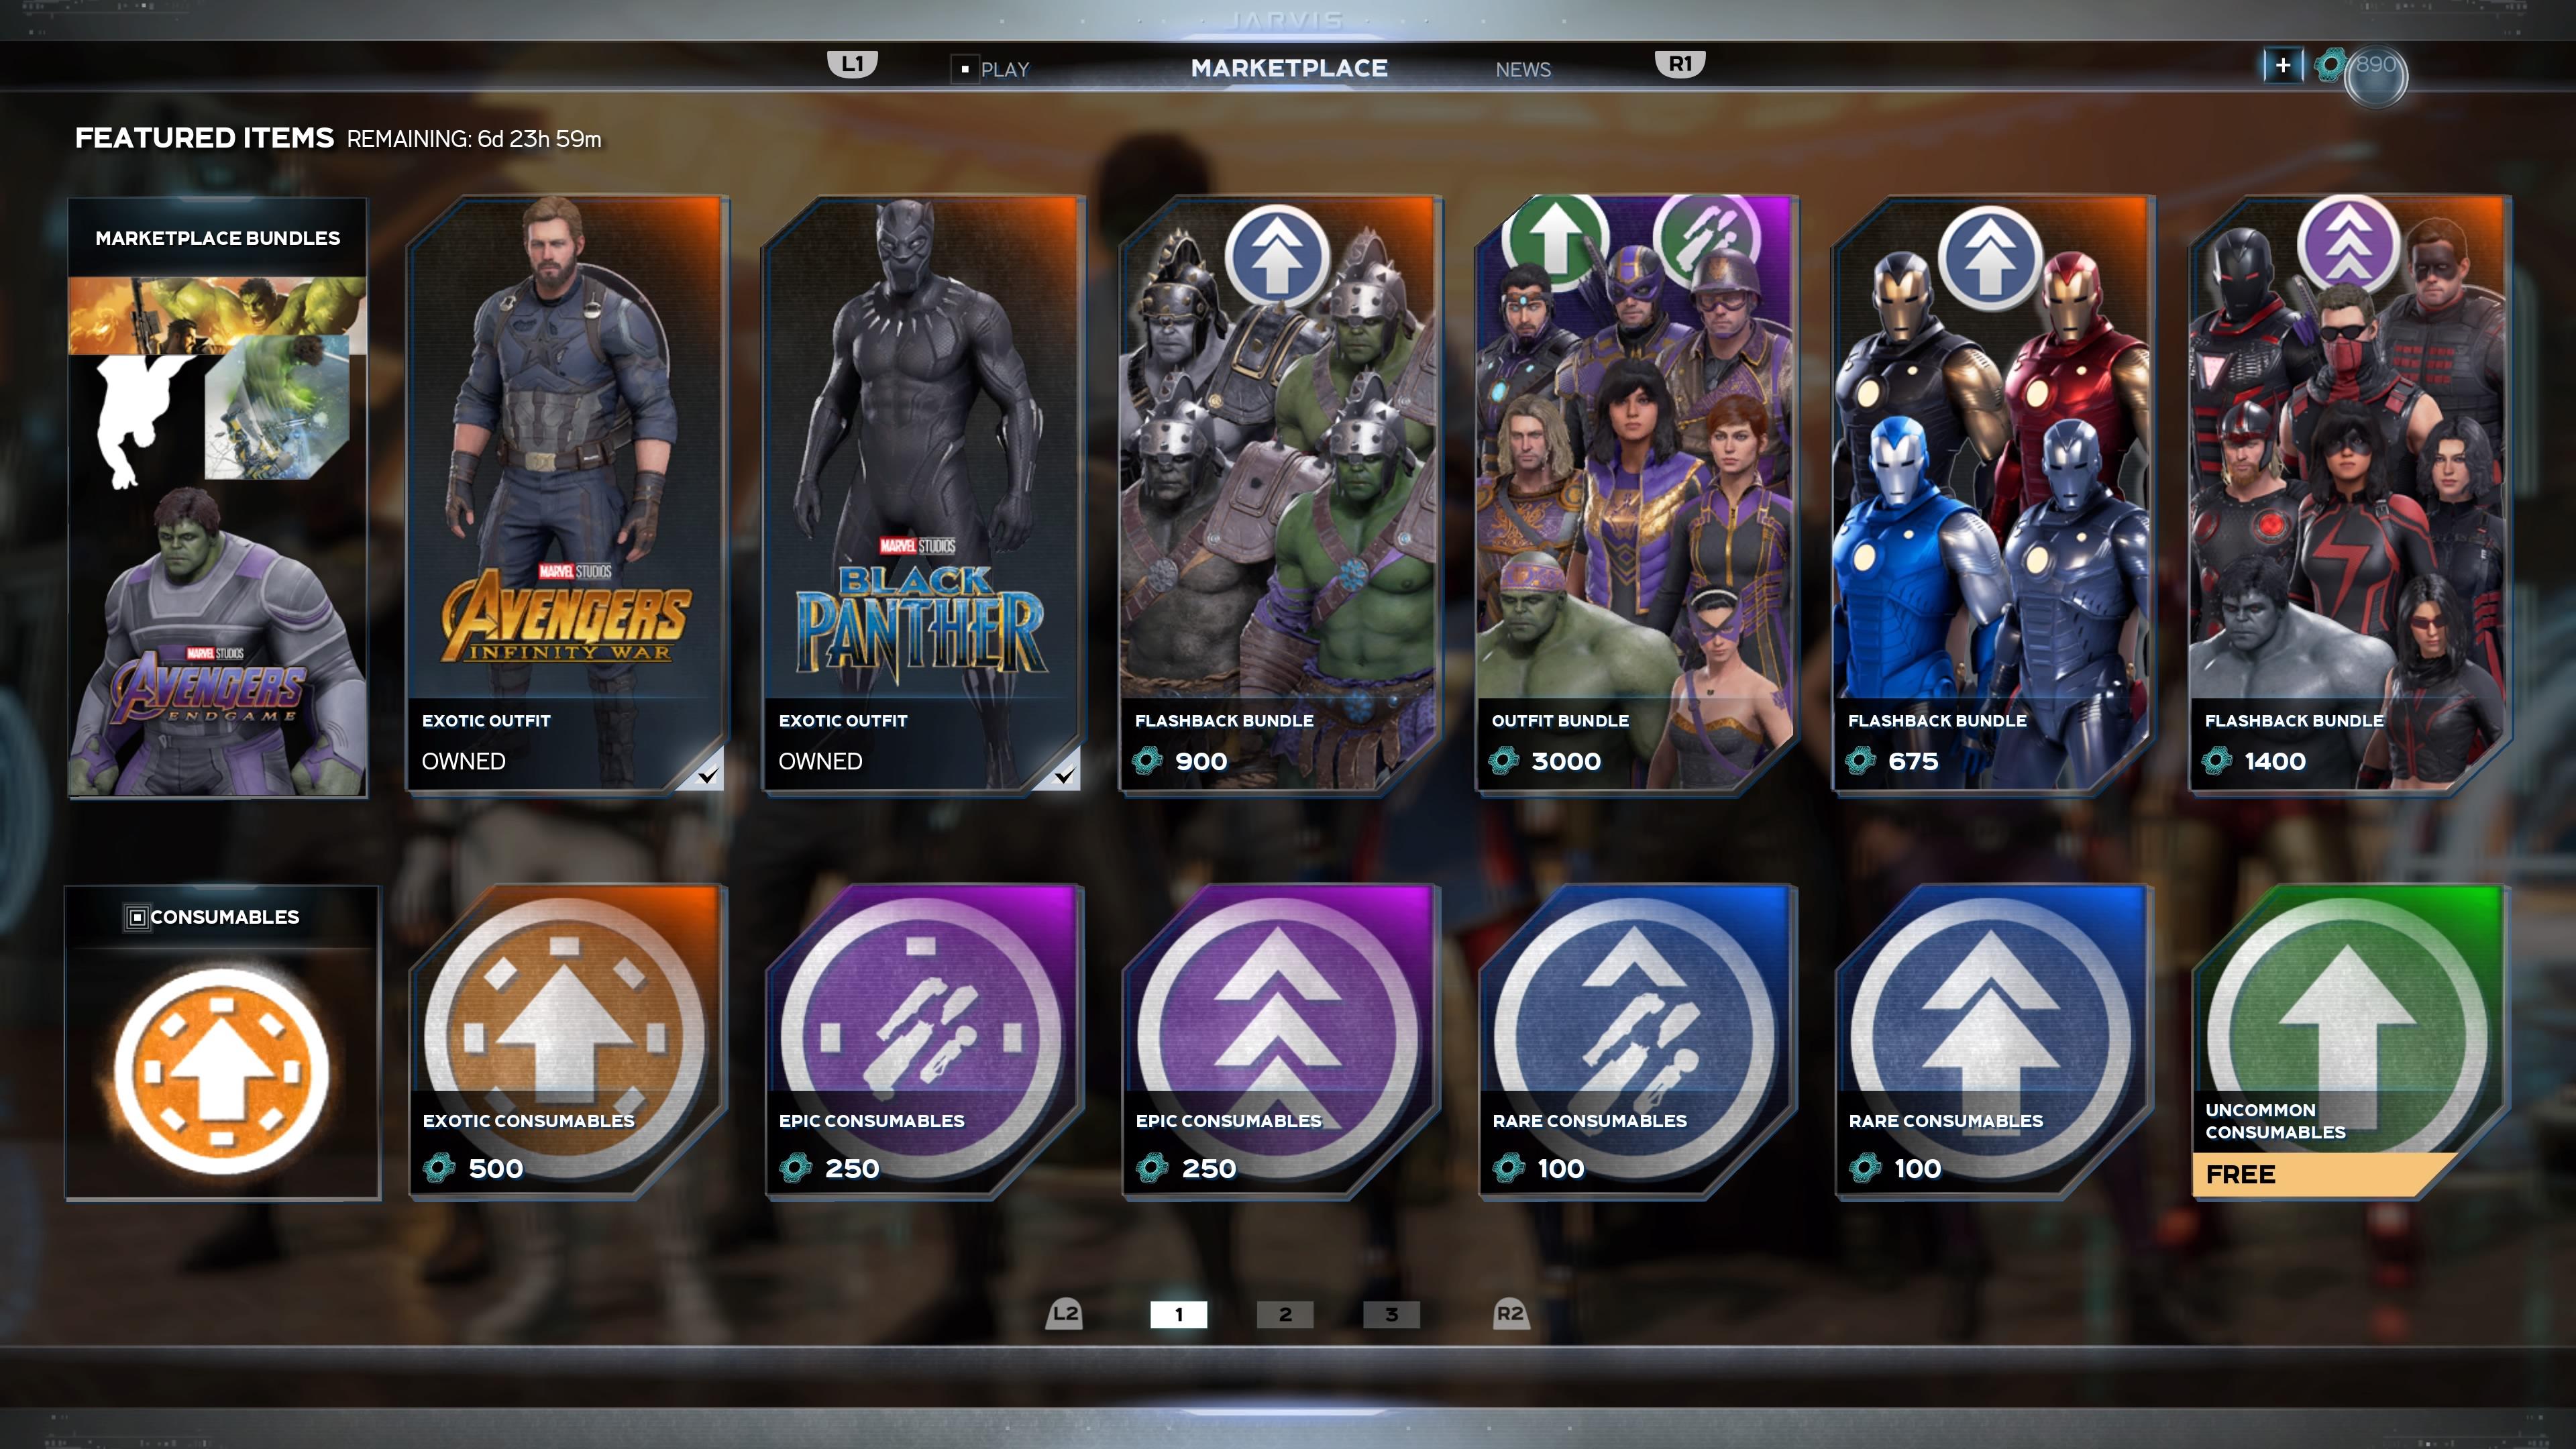 Marvel's Avengers in-game storefront